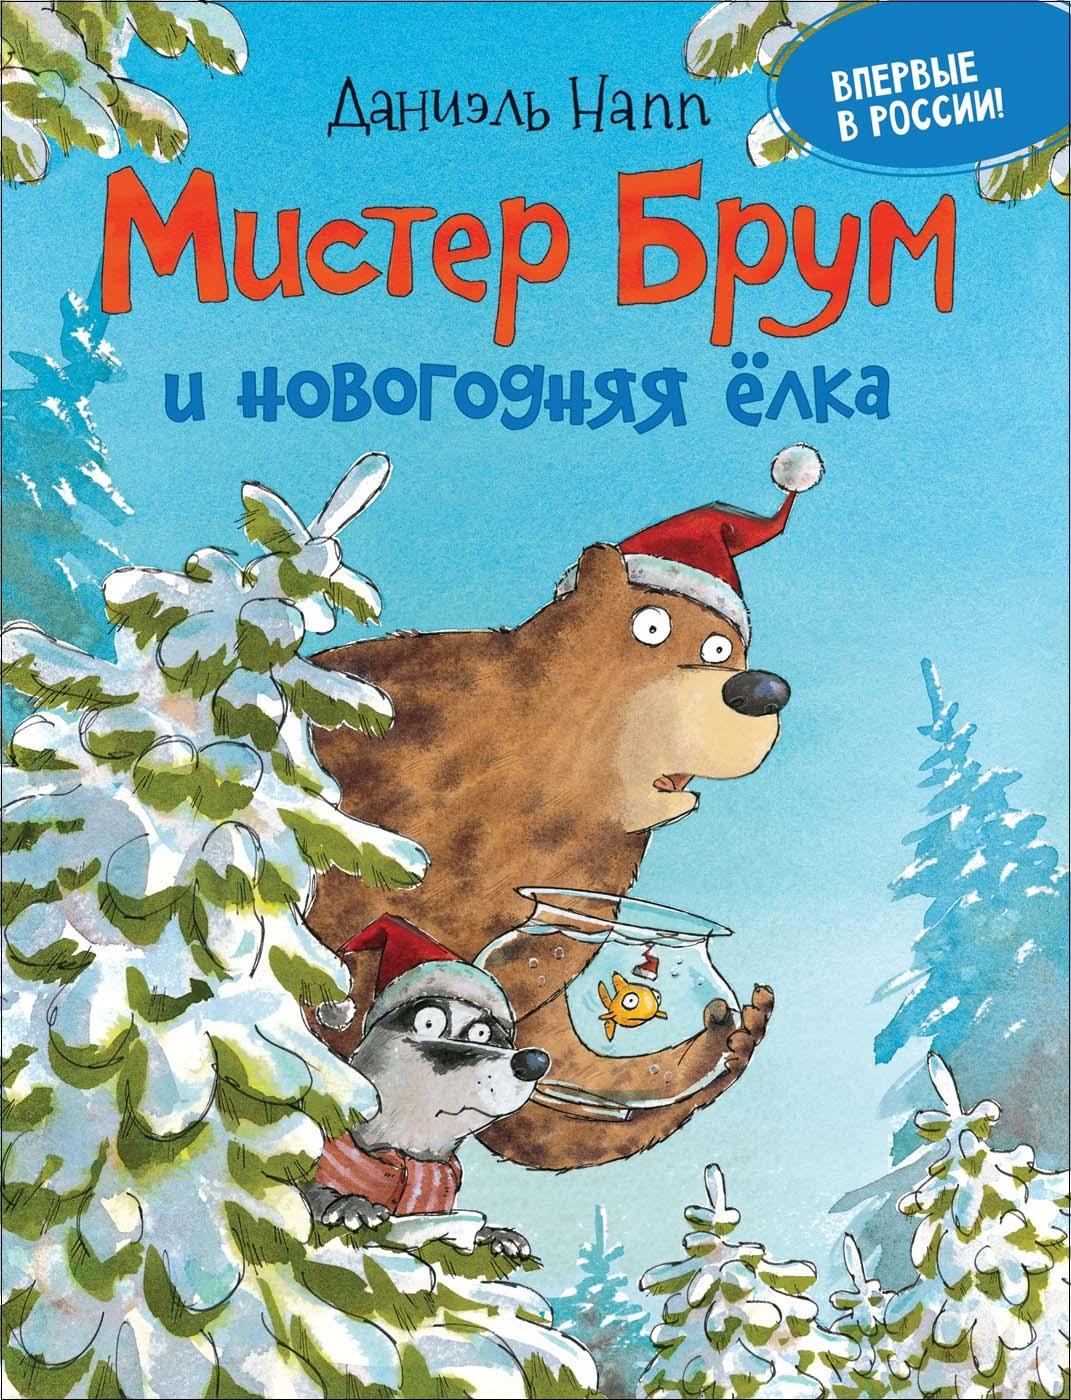 Купить Книга - Мистер Брум и новогодняя елка, Напп Д., Росмэн